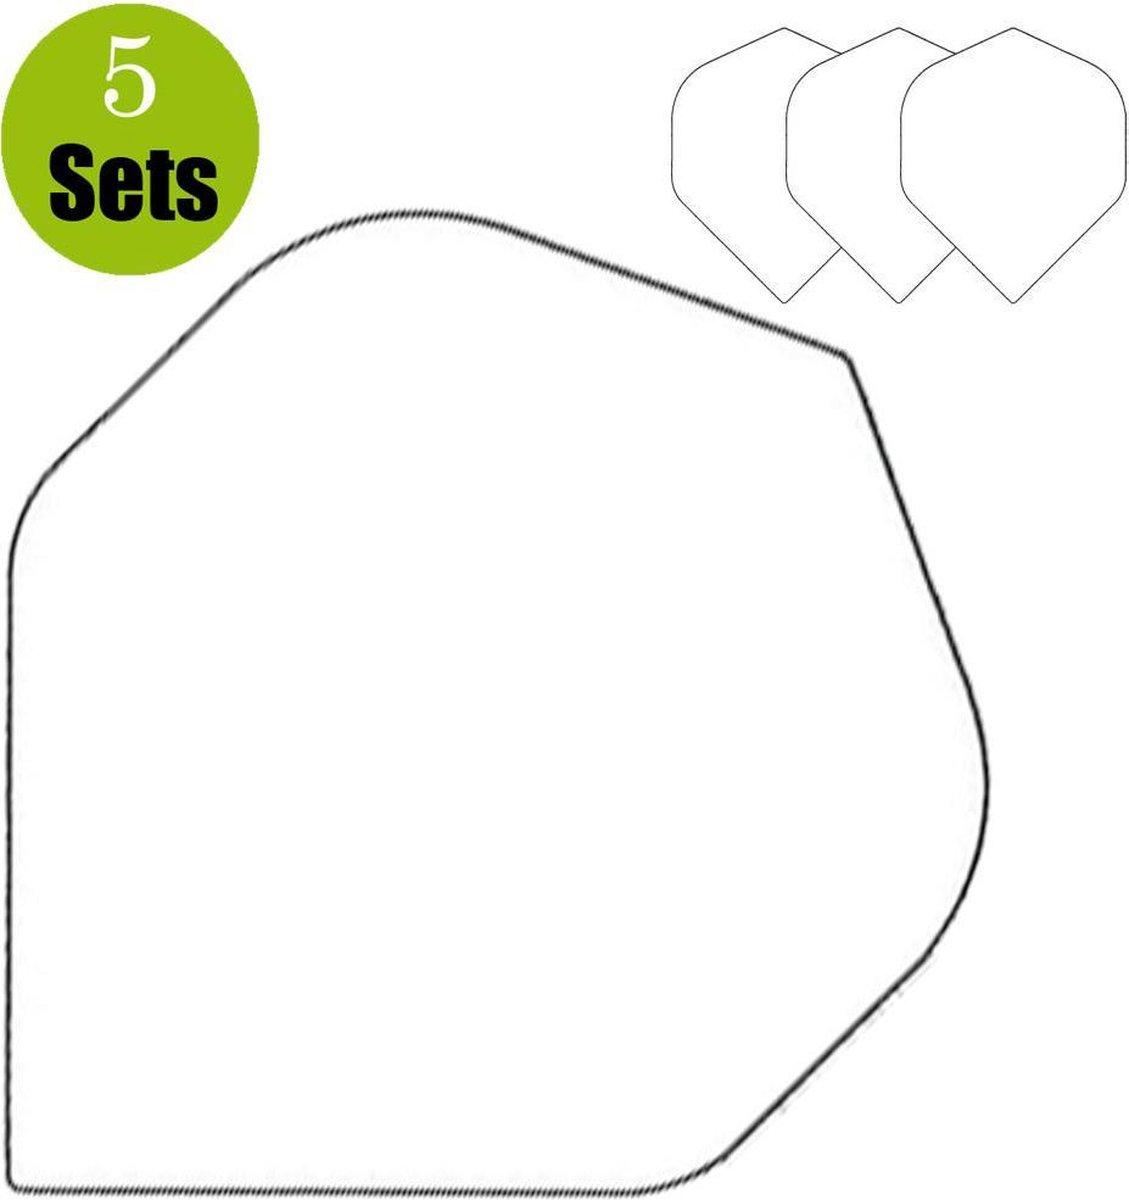 Poly Plain Dartflights - Wit- (5 Sets)